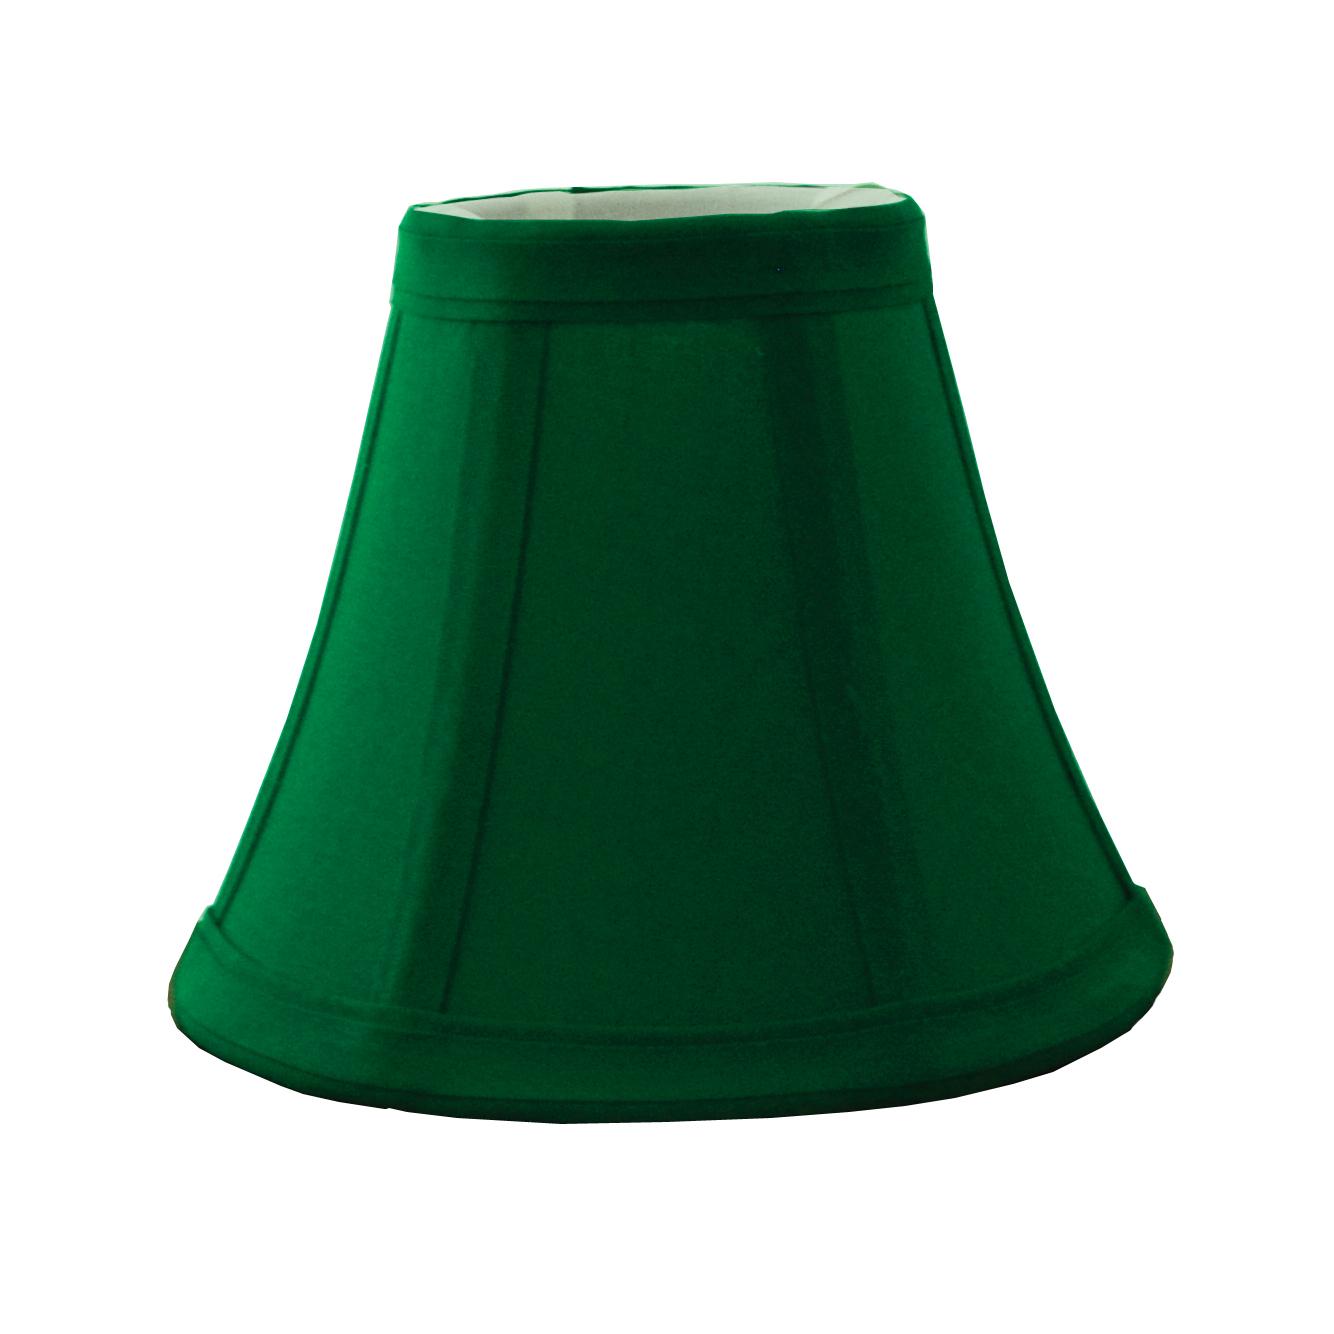 Lamp Parts Lighting Parts Lamp Shades Wn Desherbinin